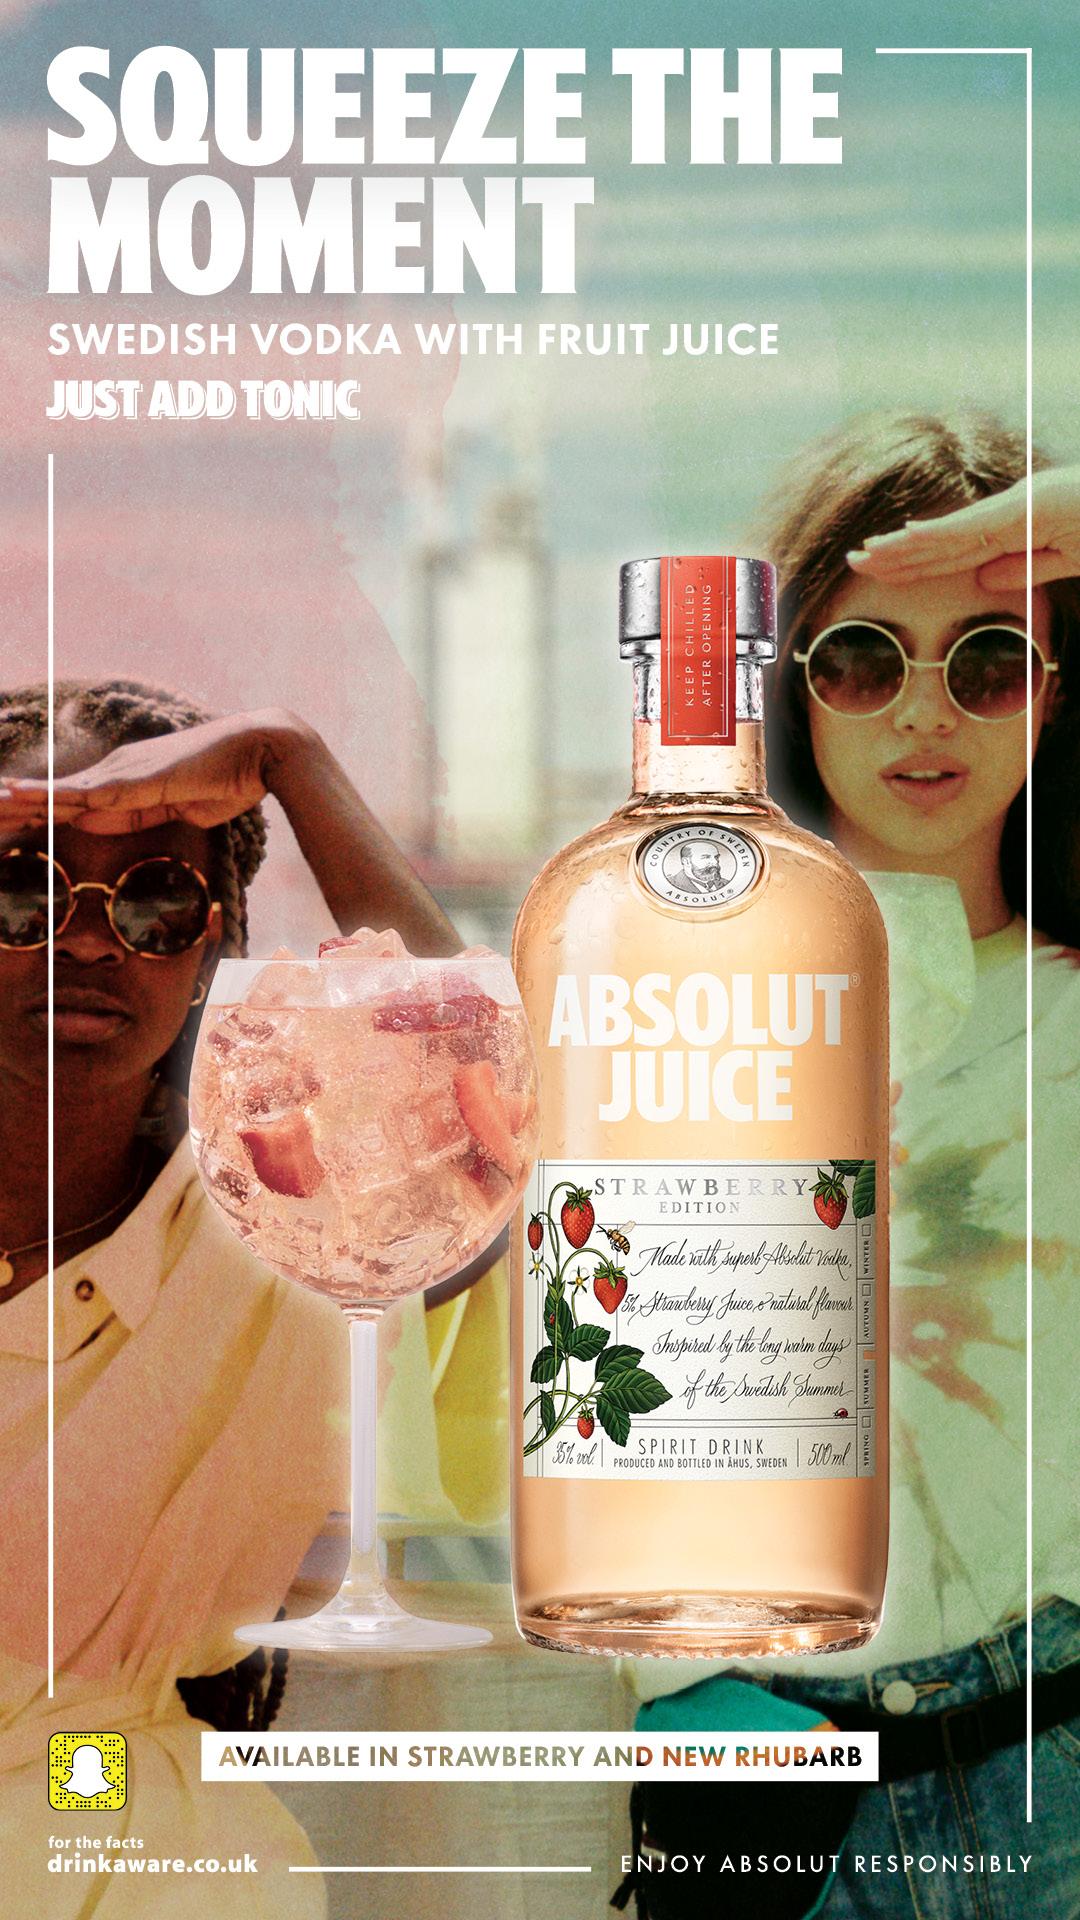 Absolut_Juice_Squeeze_OOH_UK4.jpg